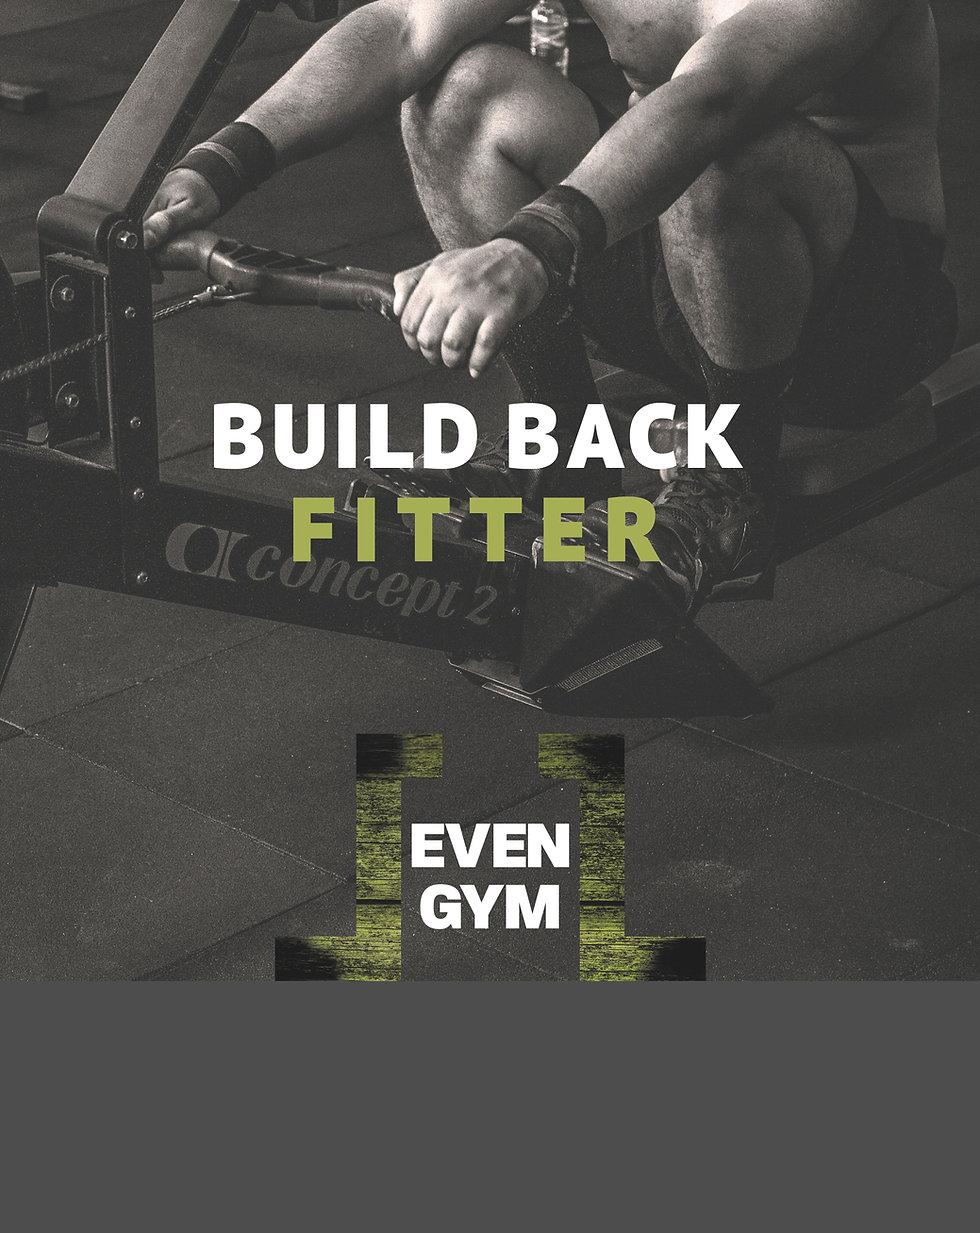 Build Back Fitter website.jpg